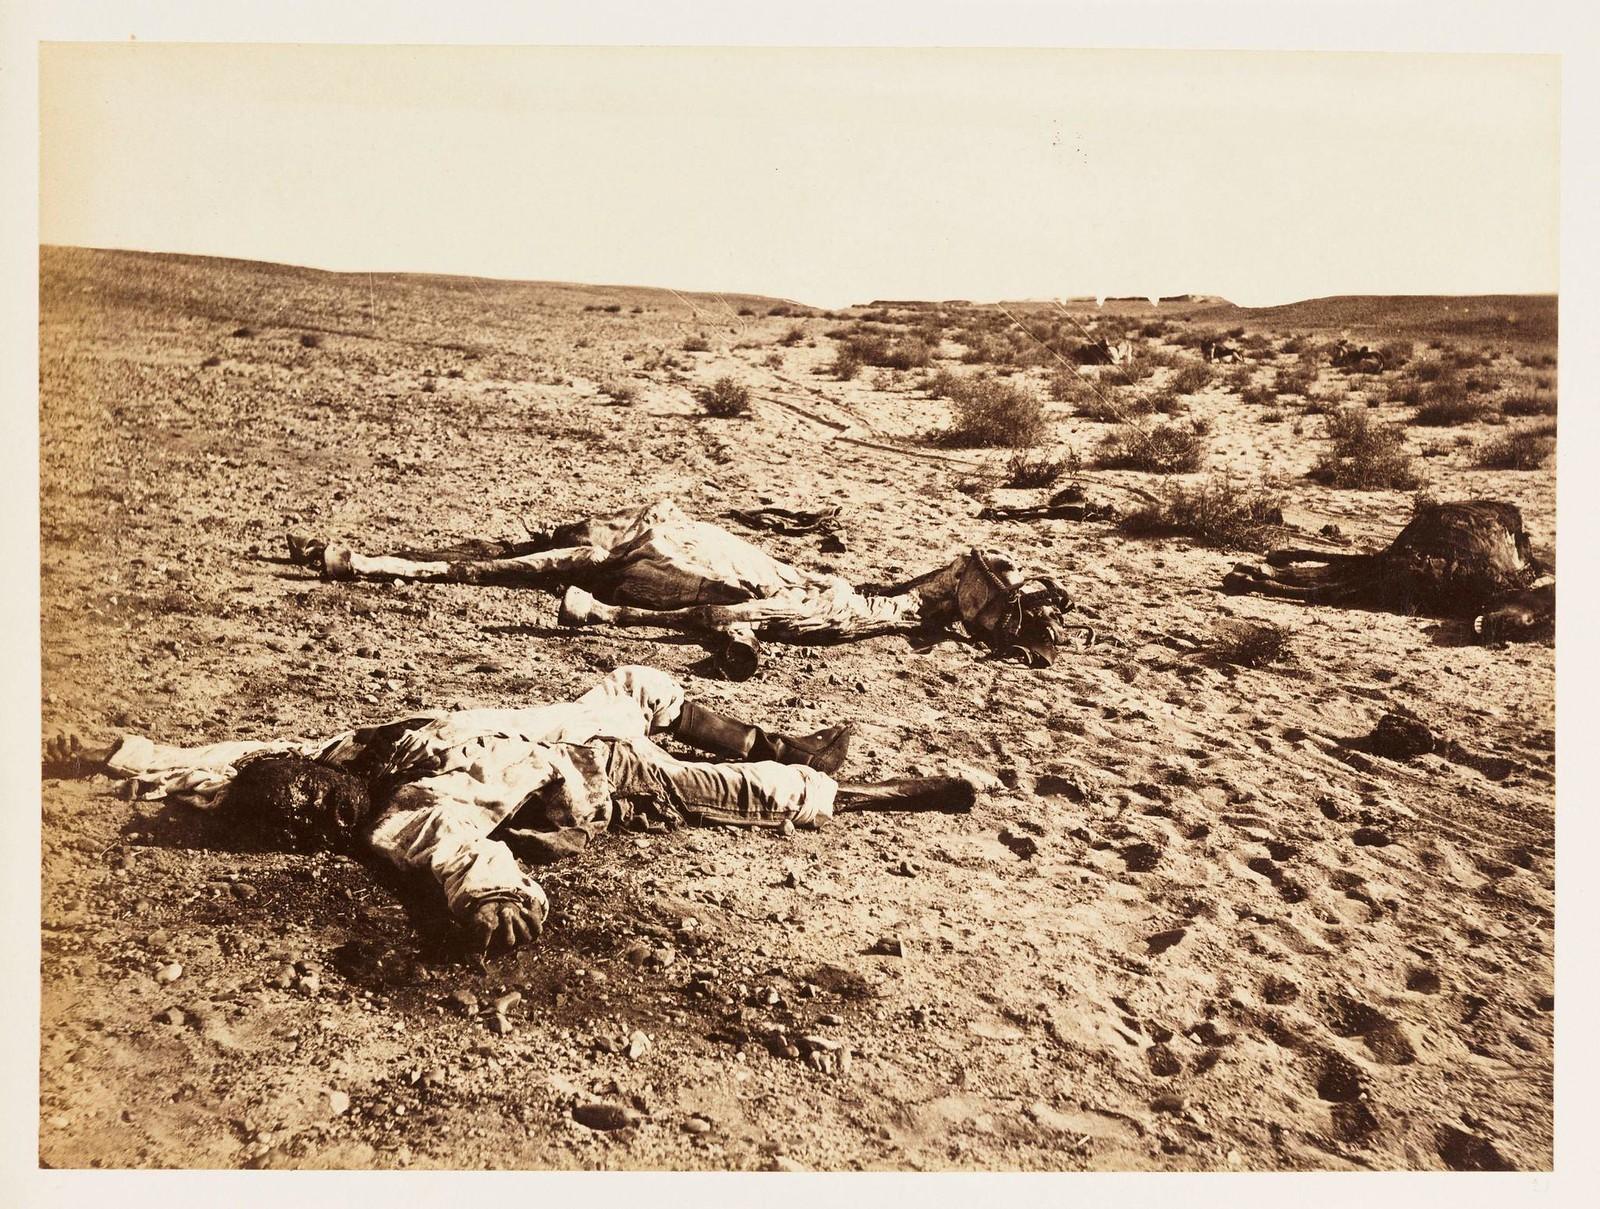 12. Фотография мертвого египетского солдата на поле битвы Tel-el-Kebir. Через три месяца после битвы это тело все еще ожидает захоронения. 6 декабря